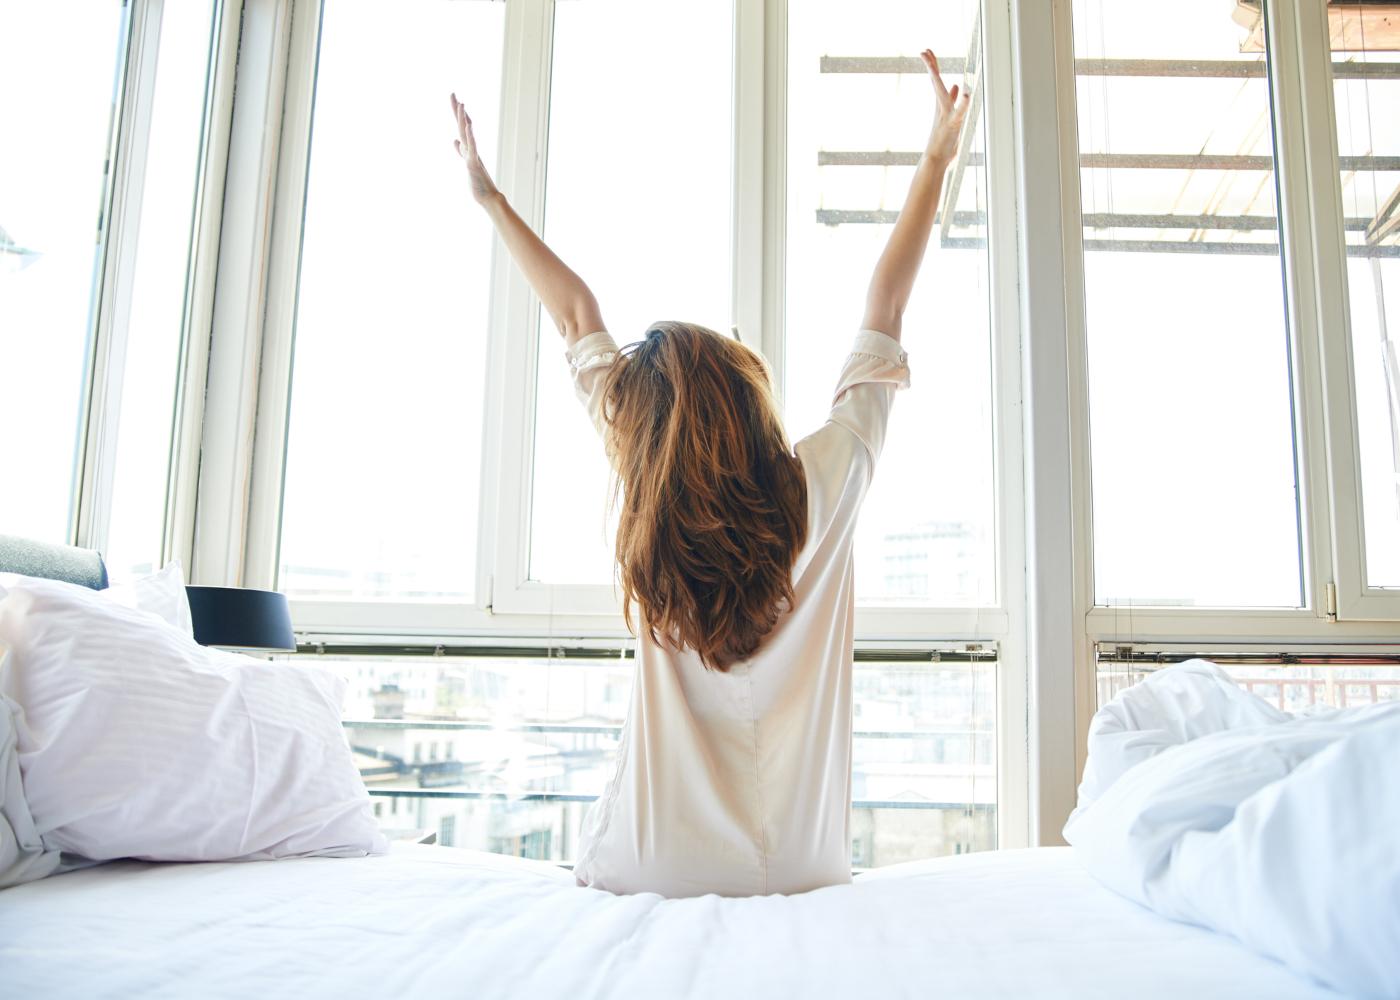 mulher sentada na cama com braços esticados a olhar pela janela